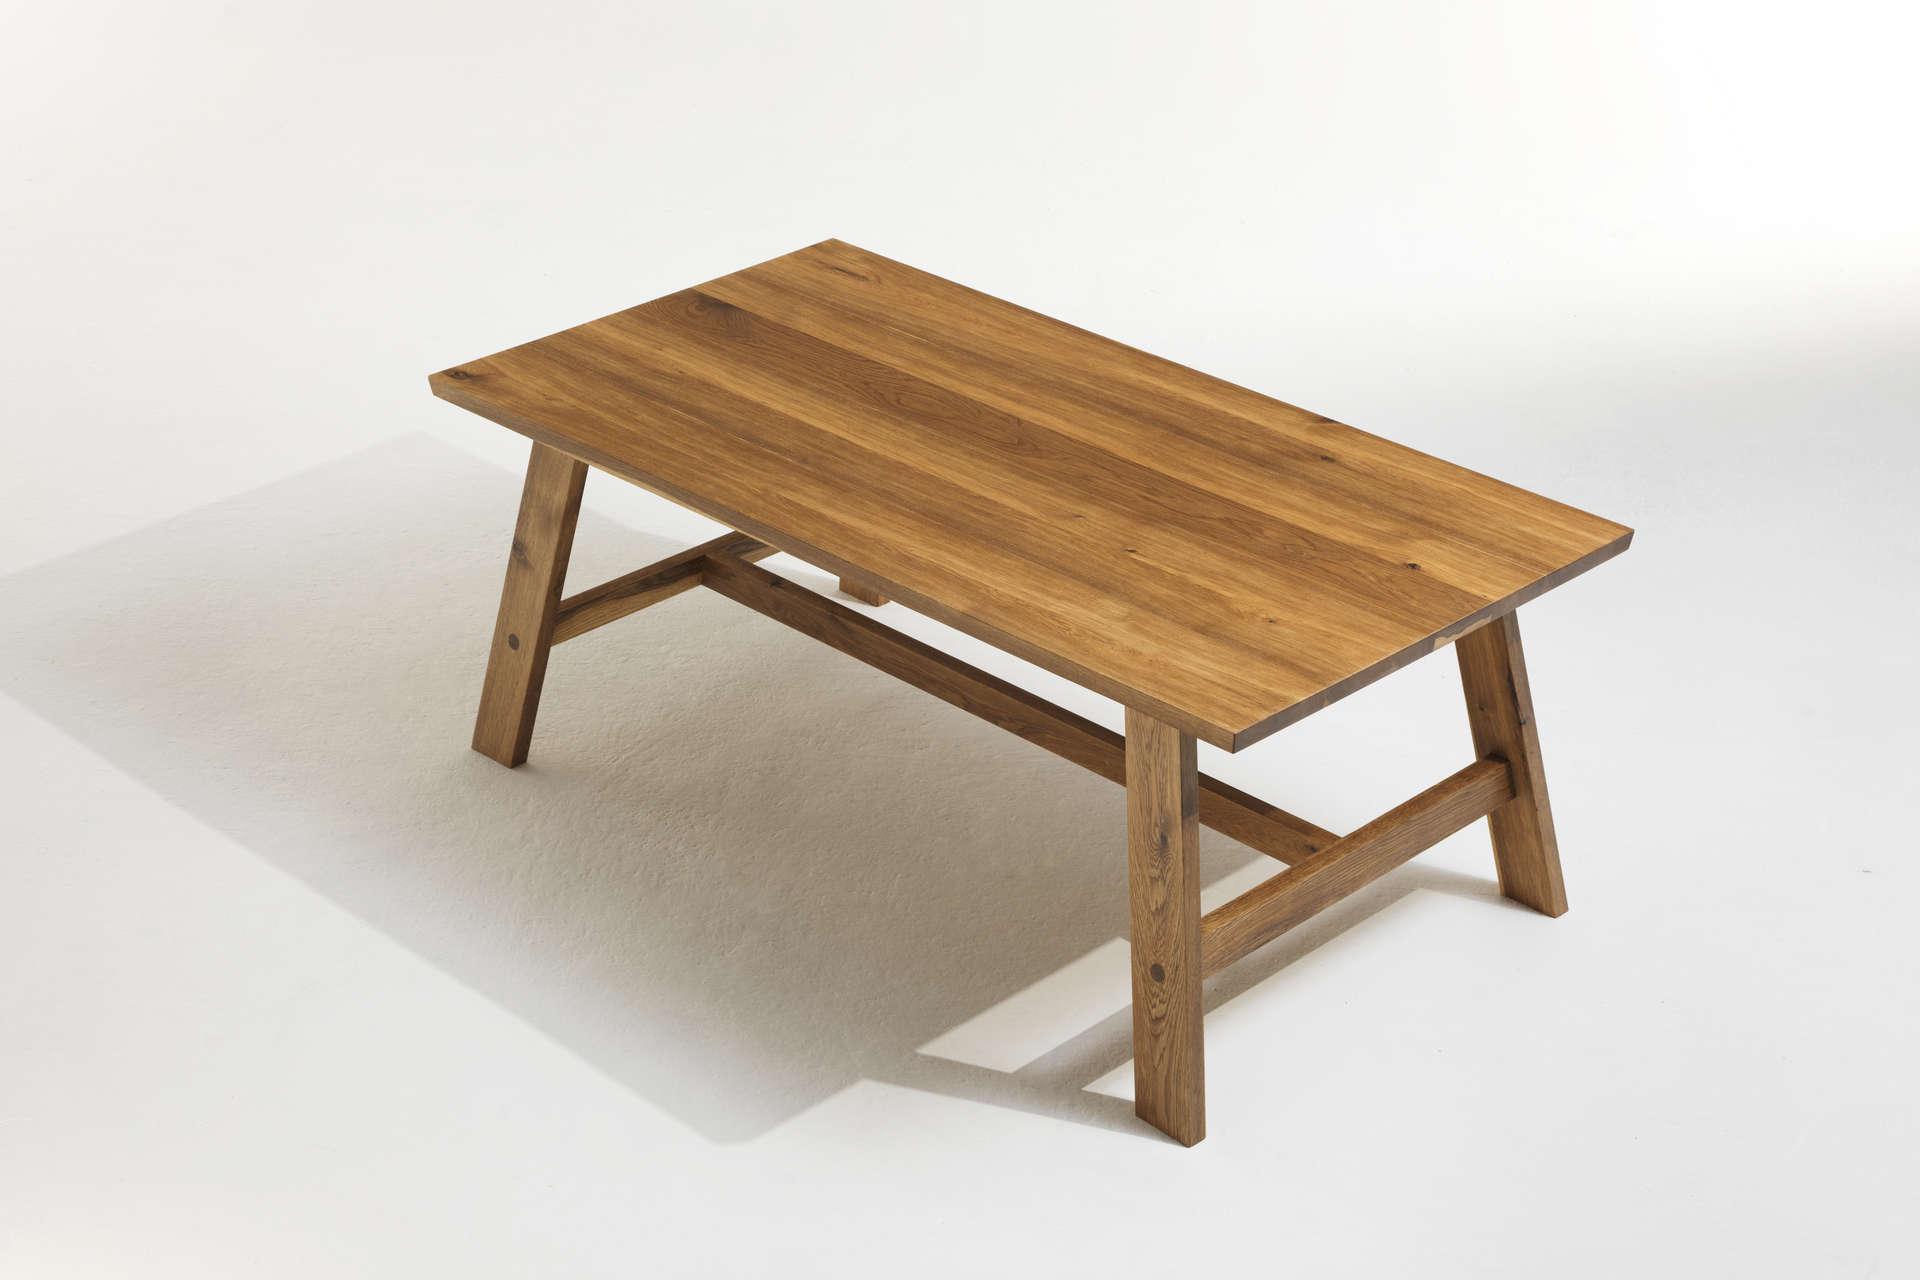 Massivholztisch aus angeräucherter Eiche in traditioneller Handwerkskunst.